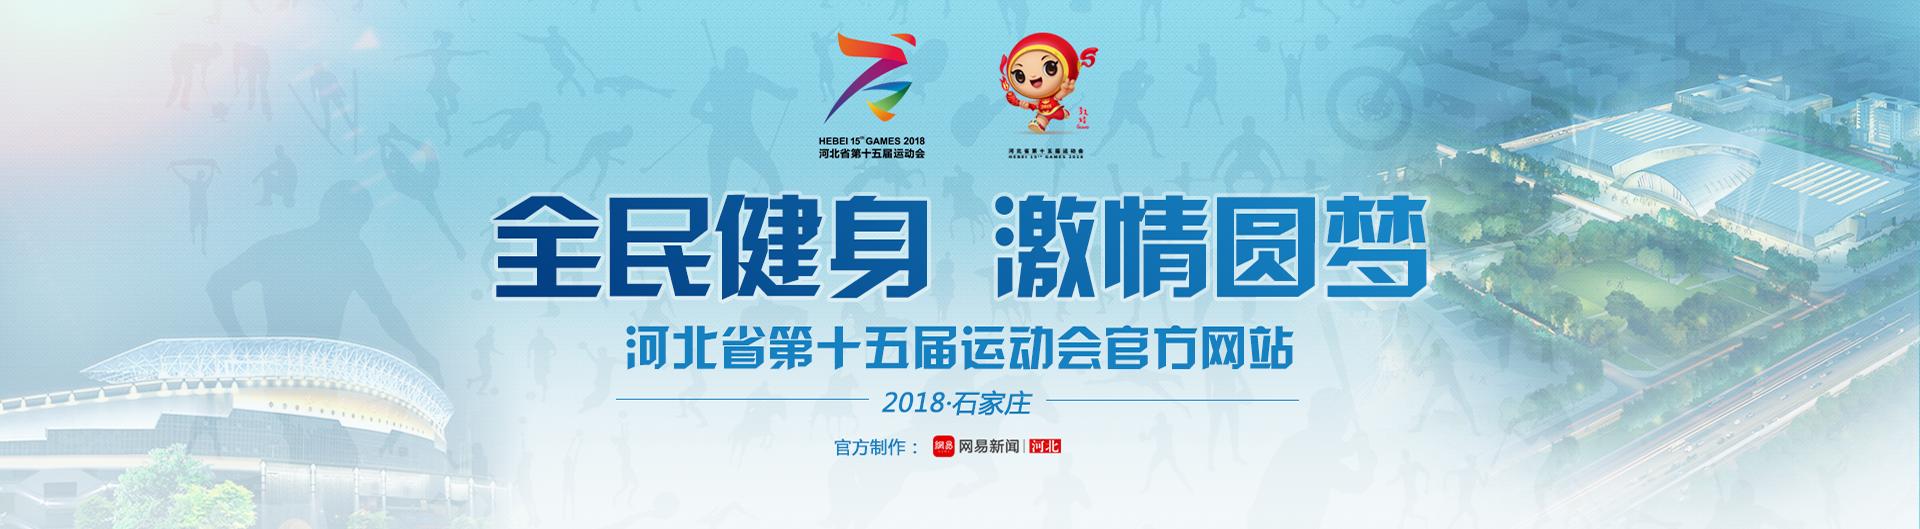 河北省第十五届运动会